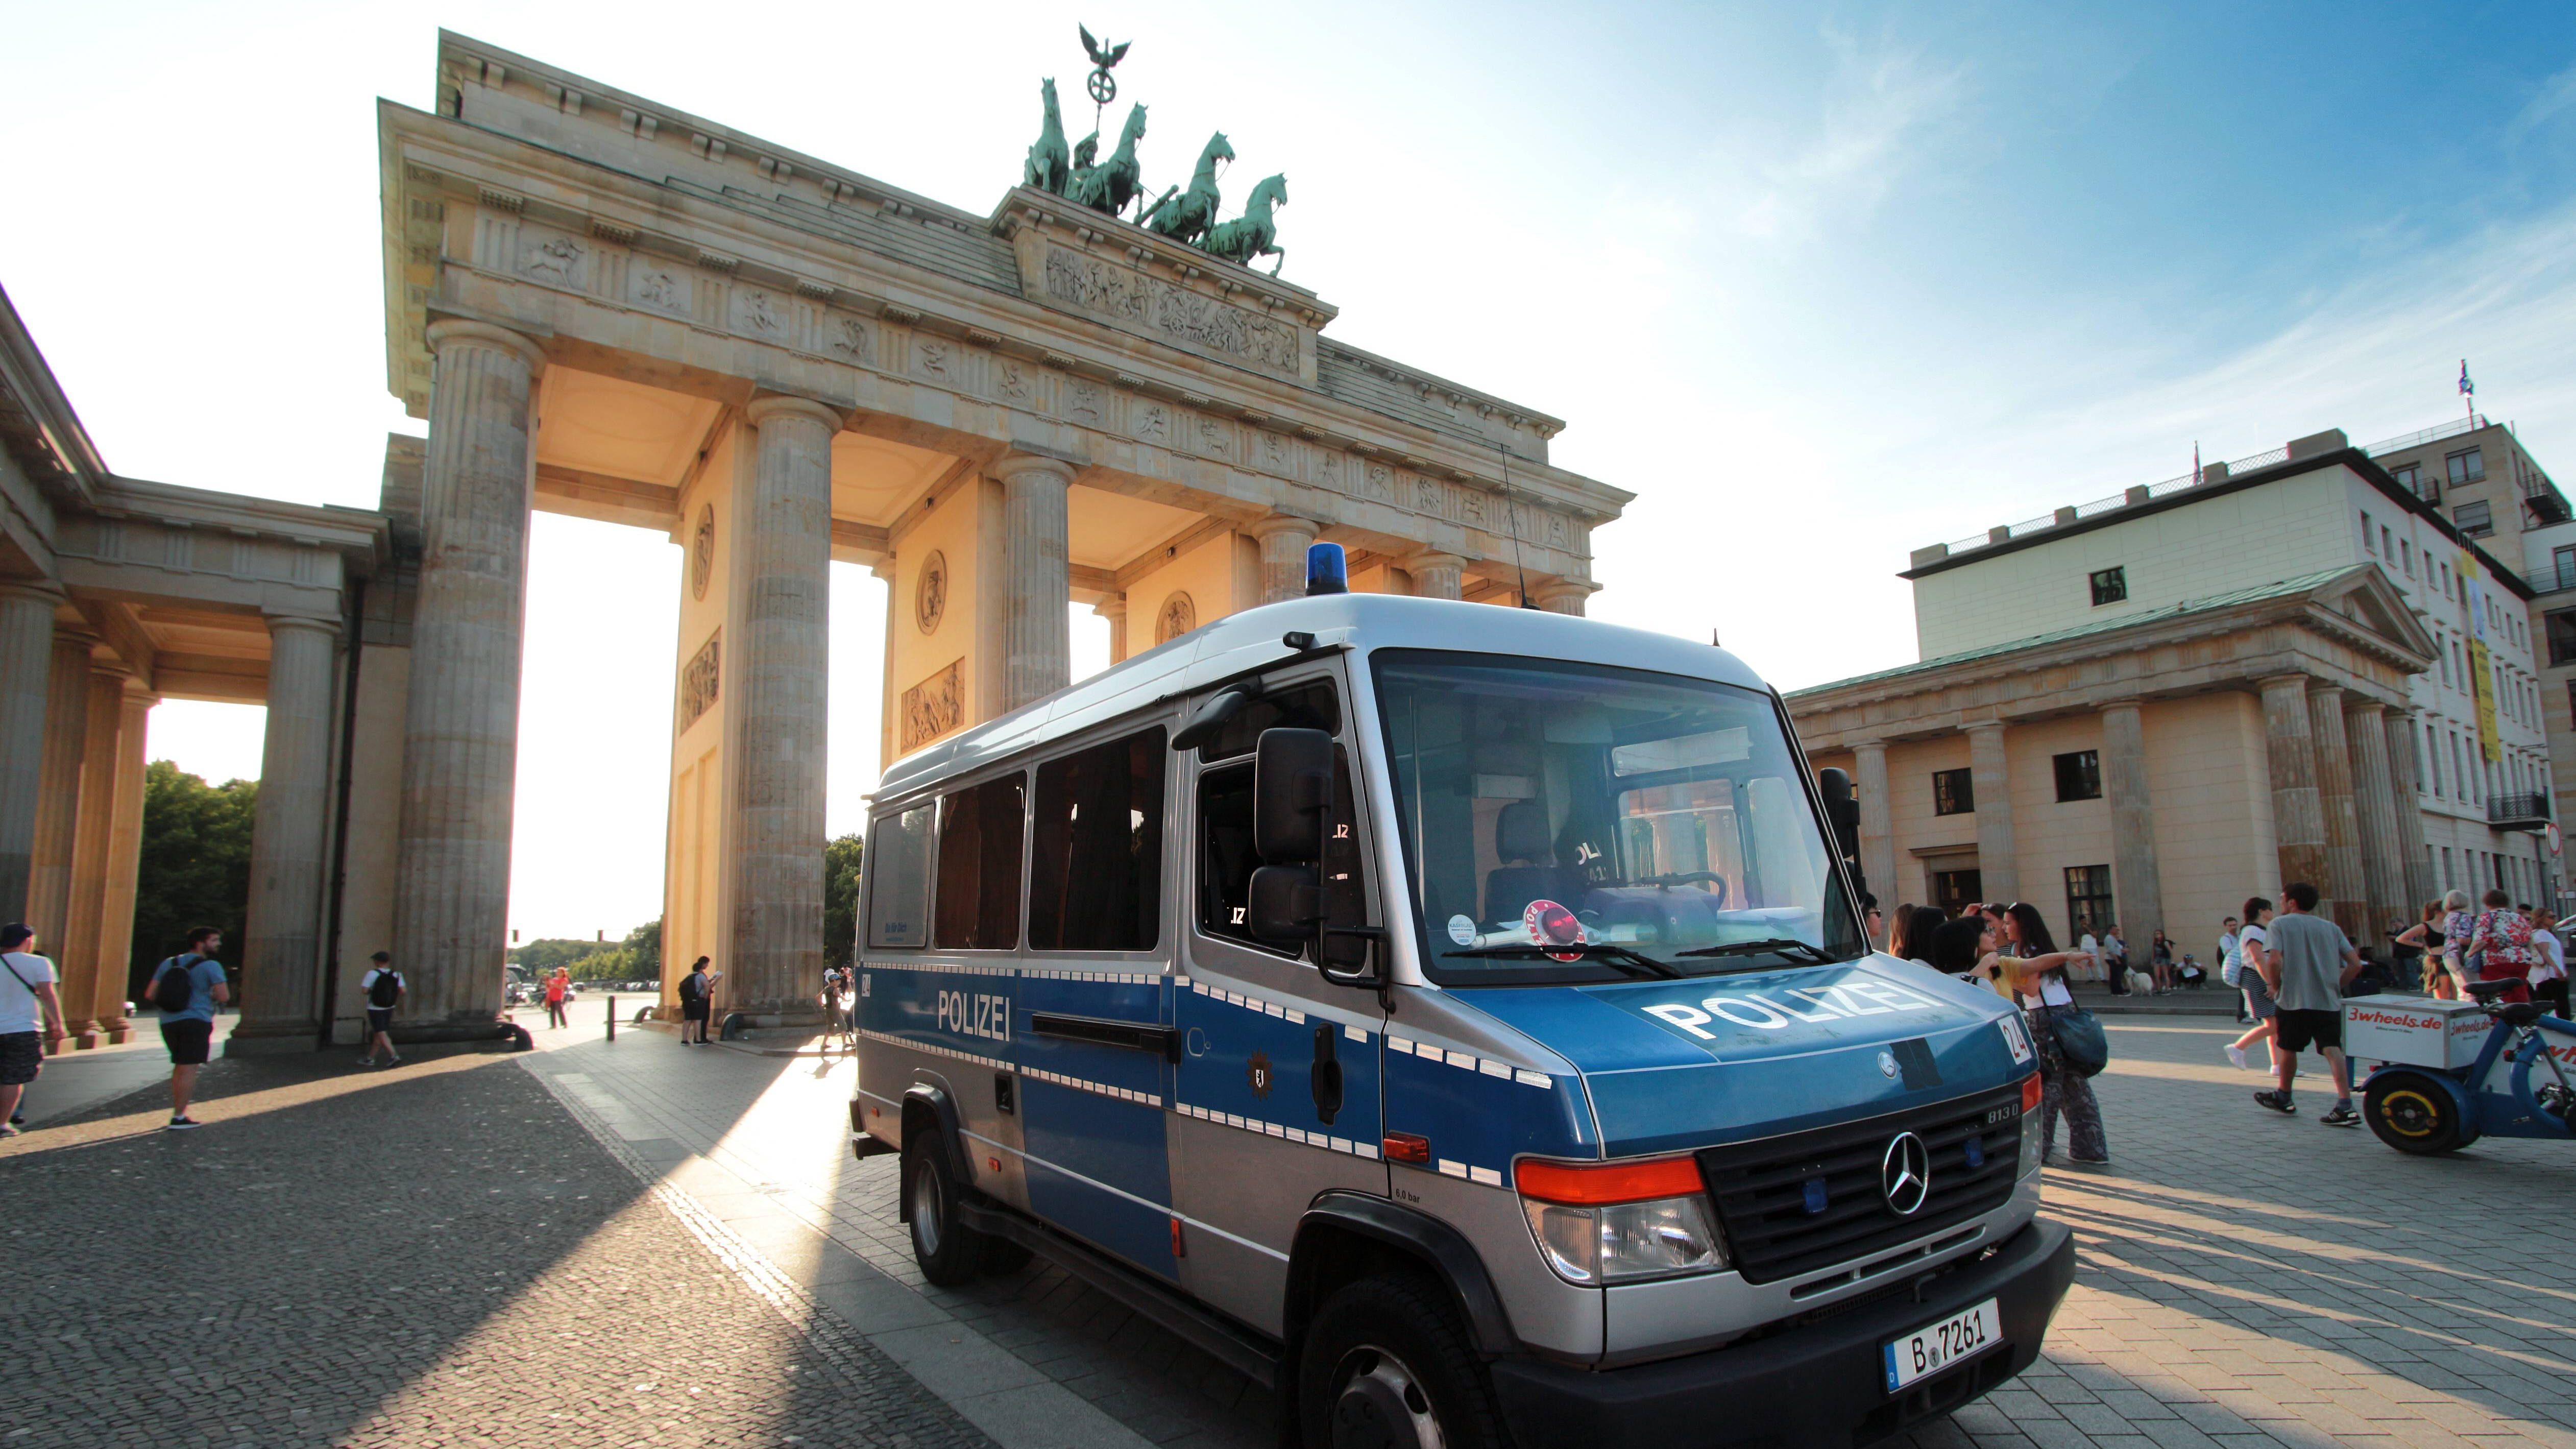 missst nde berliner polizei im zwielicht bayernkurier. Black Bedroom Furniture Sets. Home Design Ideas